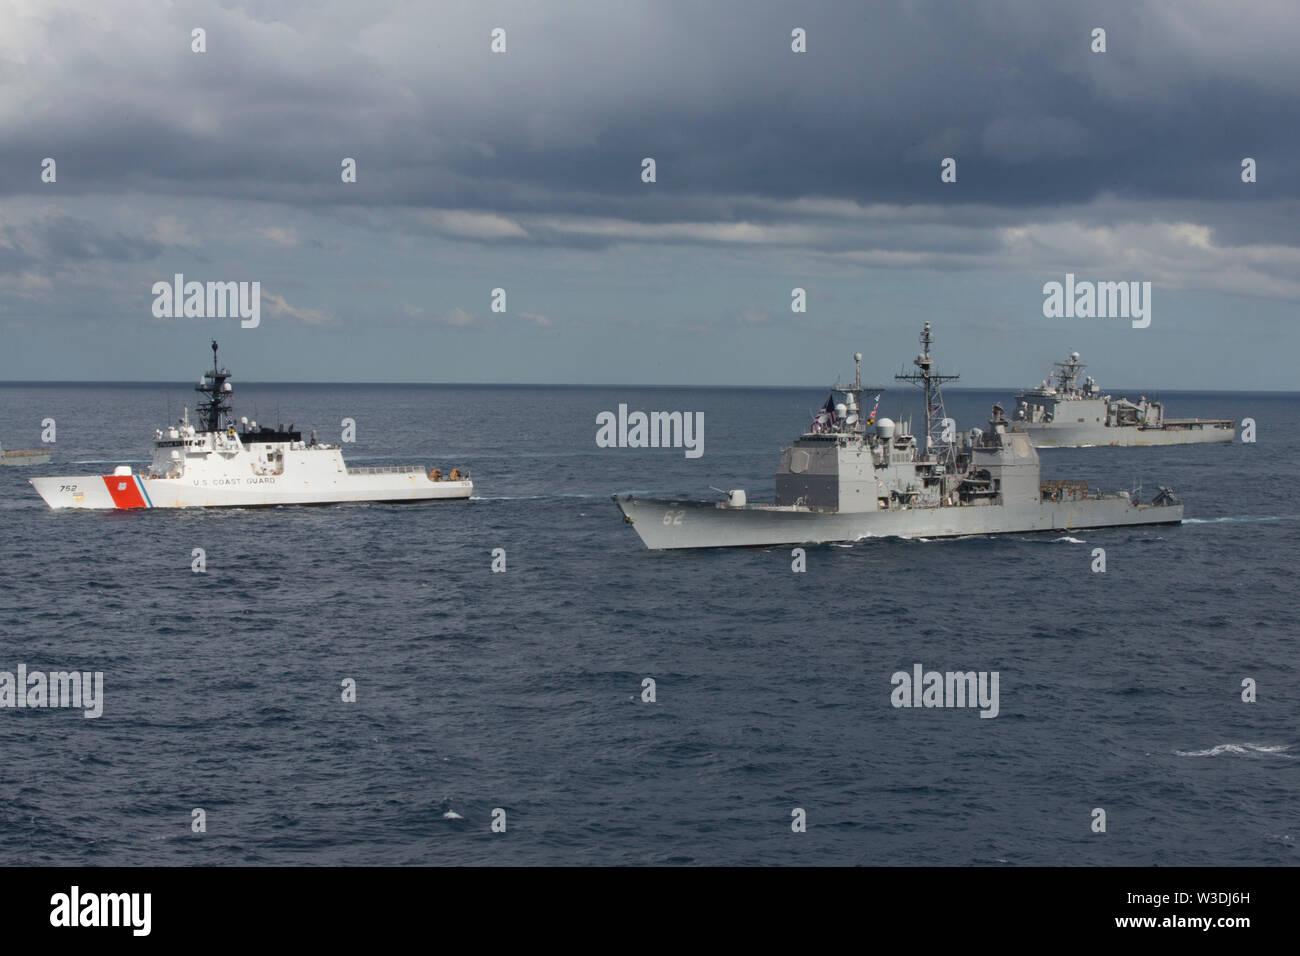 Schiffe der Expeditionary Strike Group 7 Transit durch die Tasmanische See, die sich in der Ausbildung neben den Amphibisches Schiff USS Wasp (LL 1), Juli 11, 2019 als Teil der Talisman Sabre 2019. Wasp, Flaggschiff der Wasp Expeditionary Strike Group, mit Eingeschifft 31 MEU, nimmt derzeit an Talisman Sabre 2019 vor der Küste im Norden von Australien. Eine bilaterale, Biennale, Talisman Sabre ist für US-amerikanische und australische Combat Training, Bereitschaft und Interoperabilität durch realistische, einschlägige Ausbildung notwendigen regionalen Sicherheit, Frieden und Stabilität zu verbessern. (U.S. Marine Co Stockbild